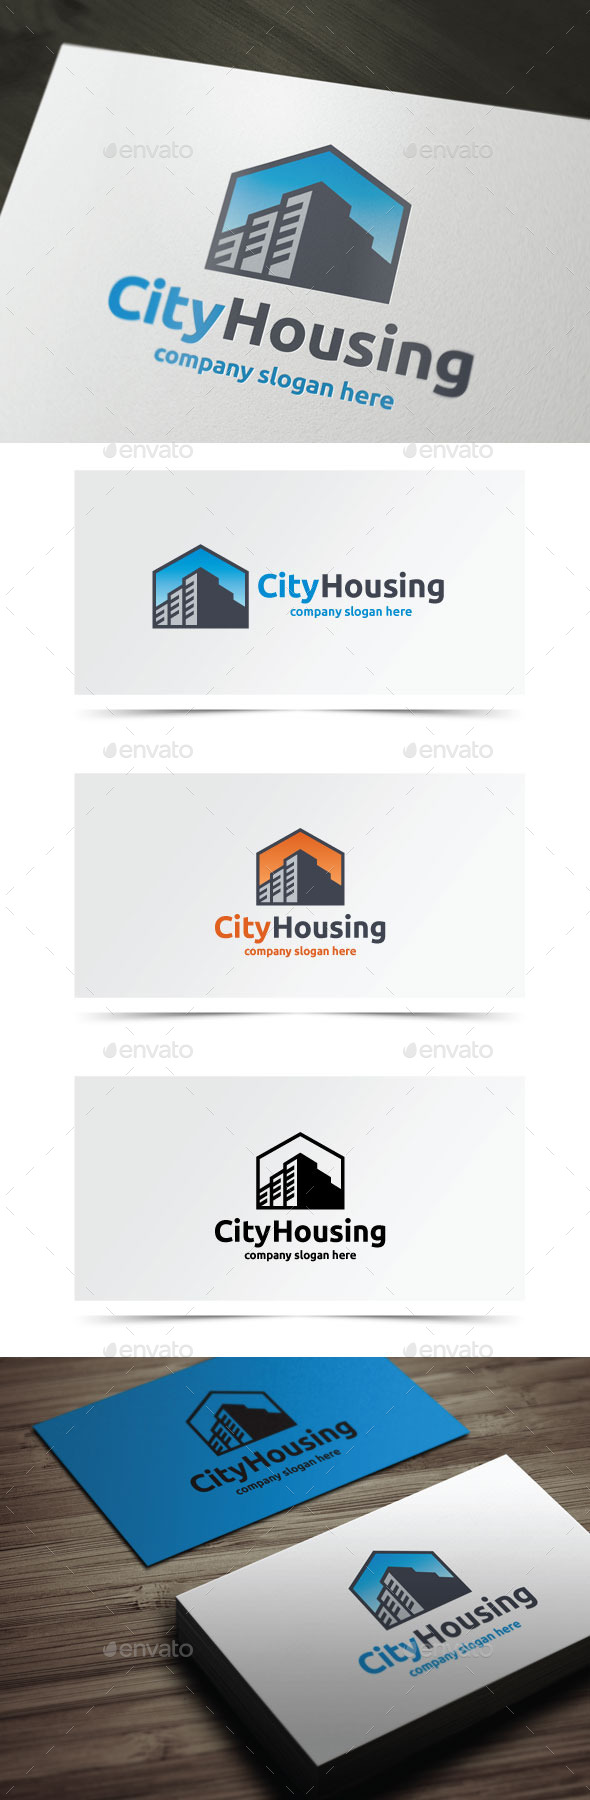 GraphicRiver City Housing 9264270